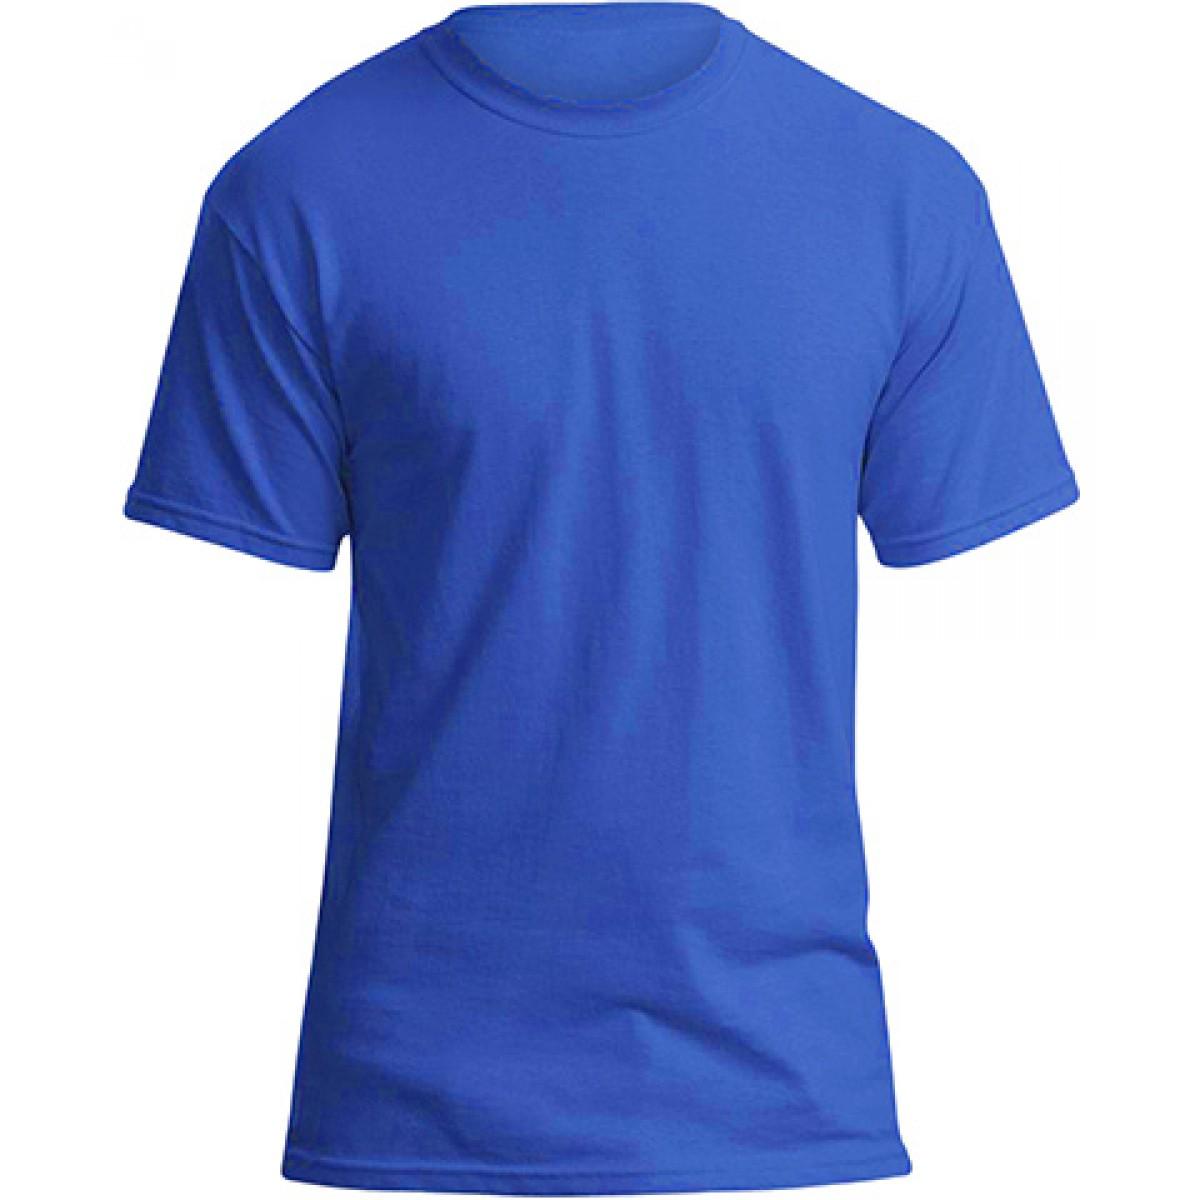 Soft 100% Cotton T-Shirt-Royal Blue-YL